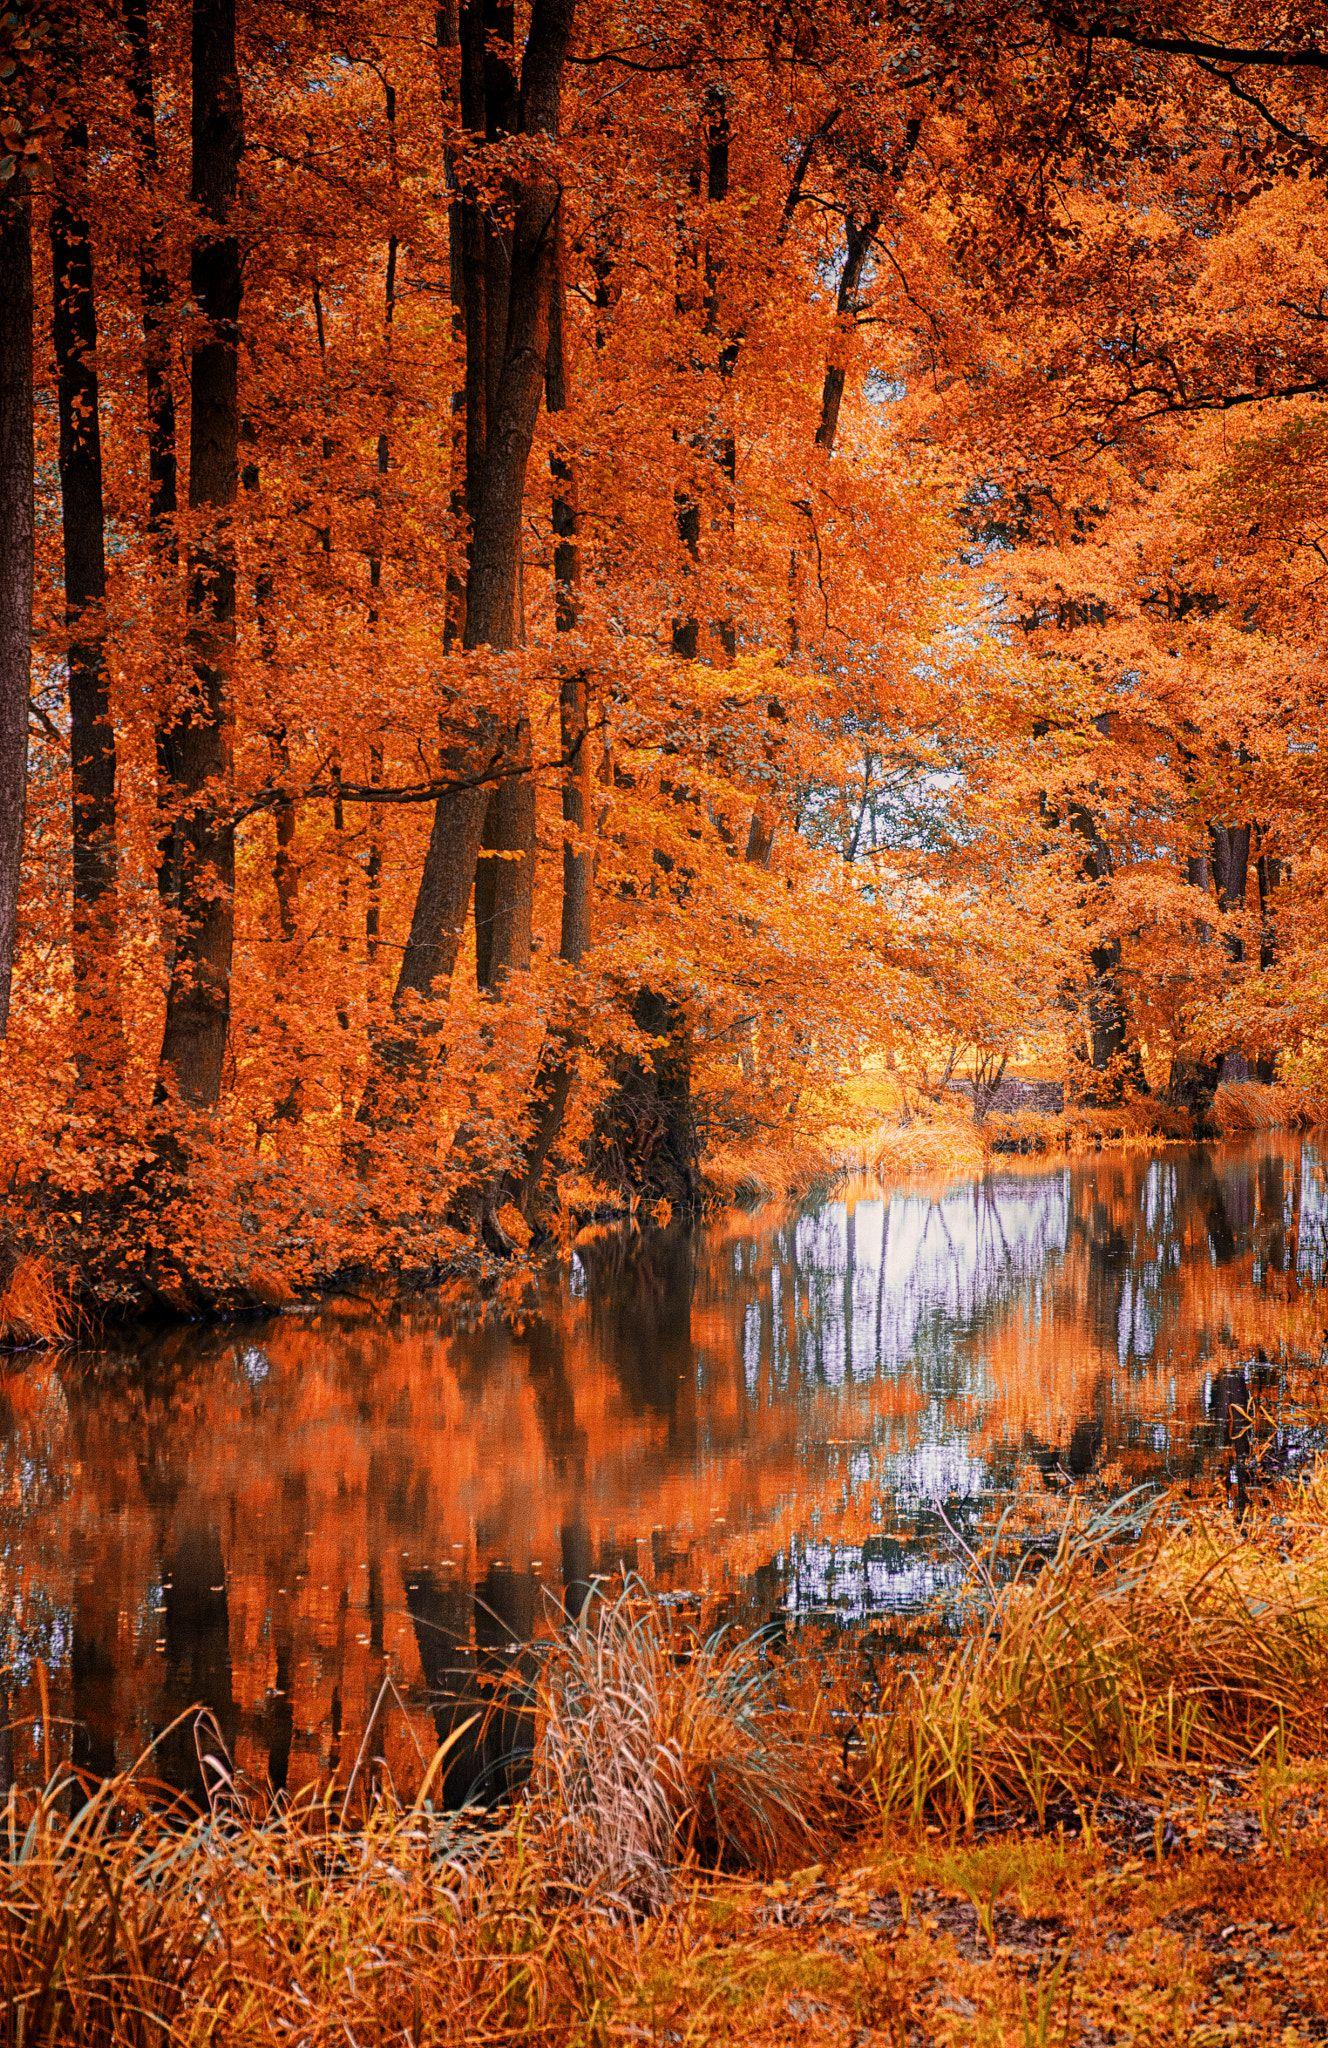 10 Top Fall Leaves Wallpaper For Desktop FULL HD 1080p For